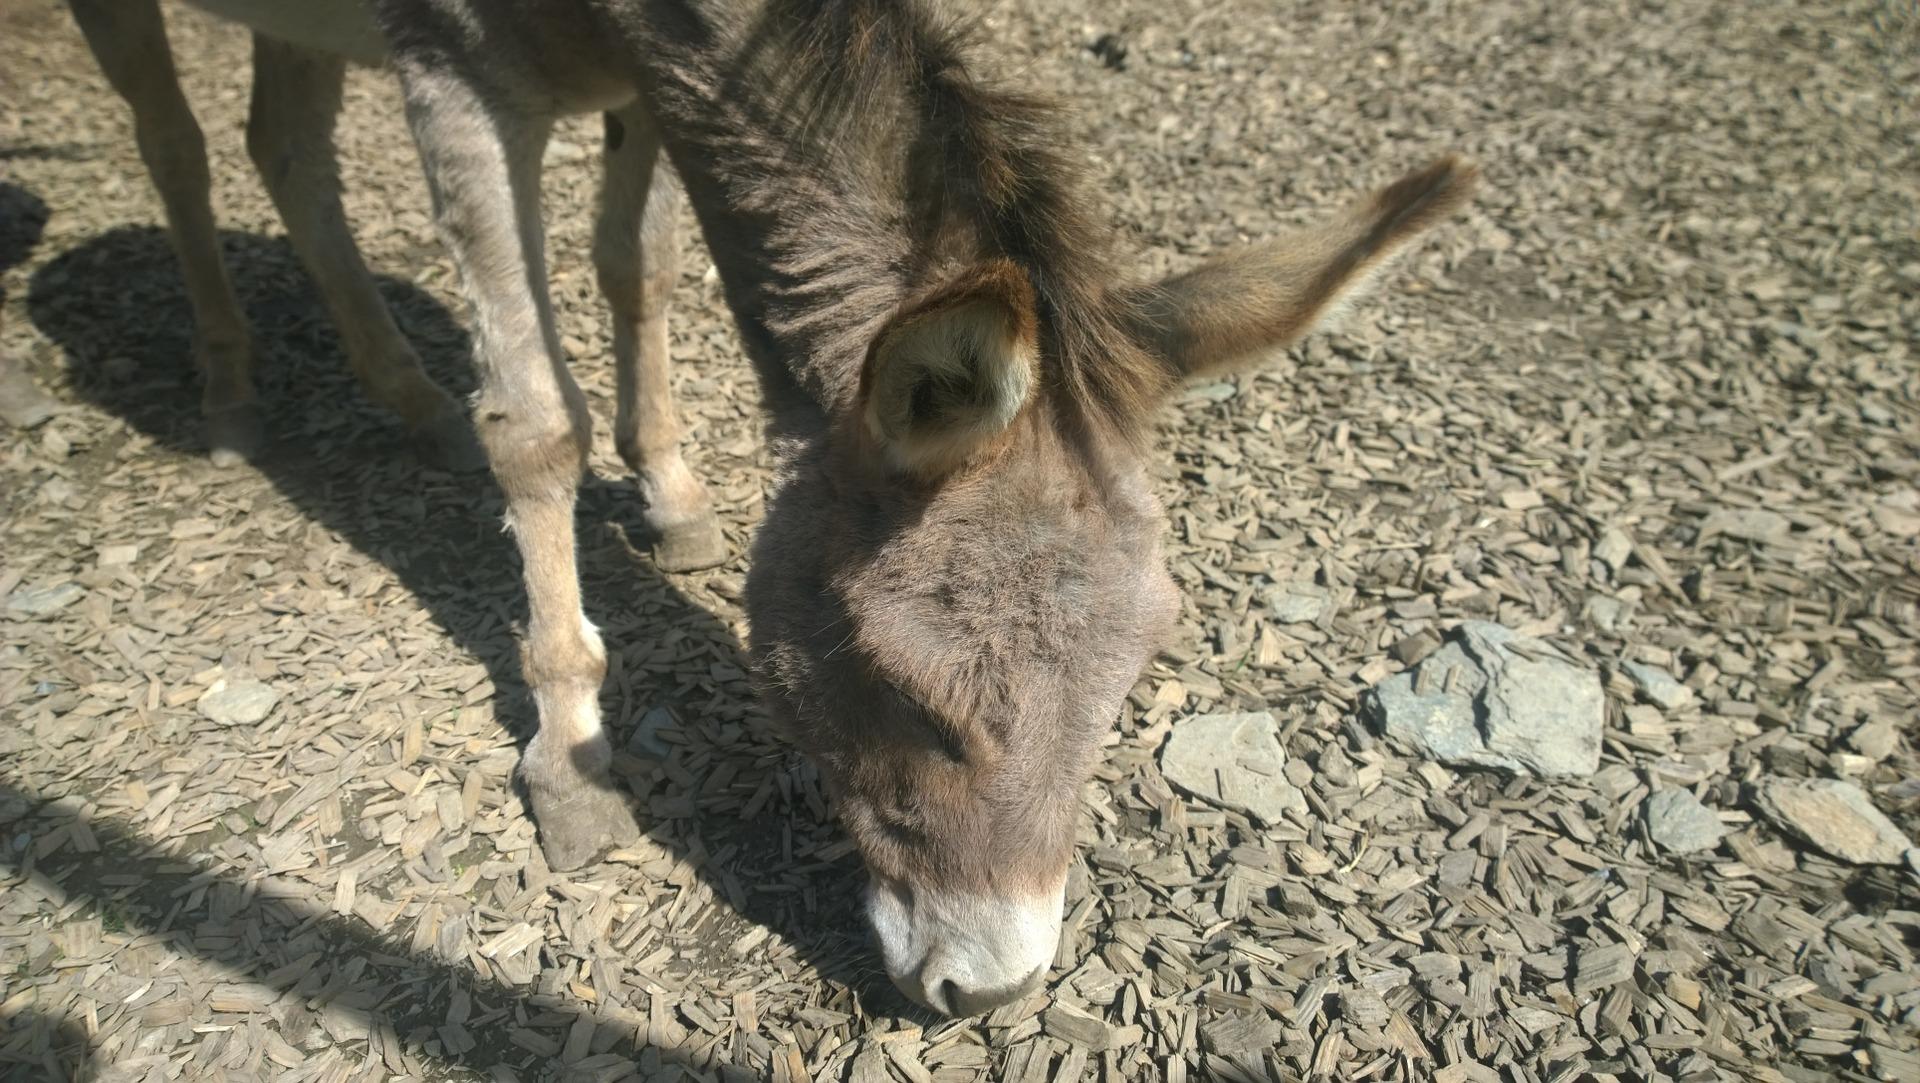 Onguent sabot, Graisse sabot, Produits naturels chevaux